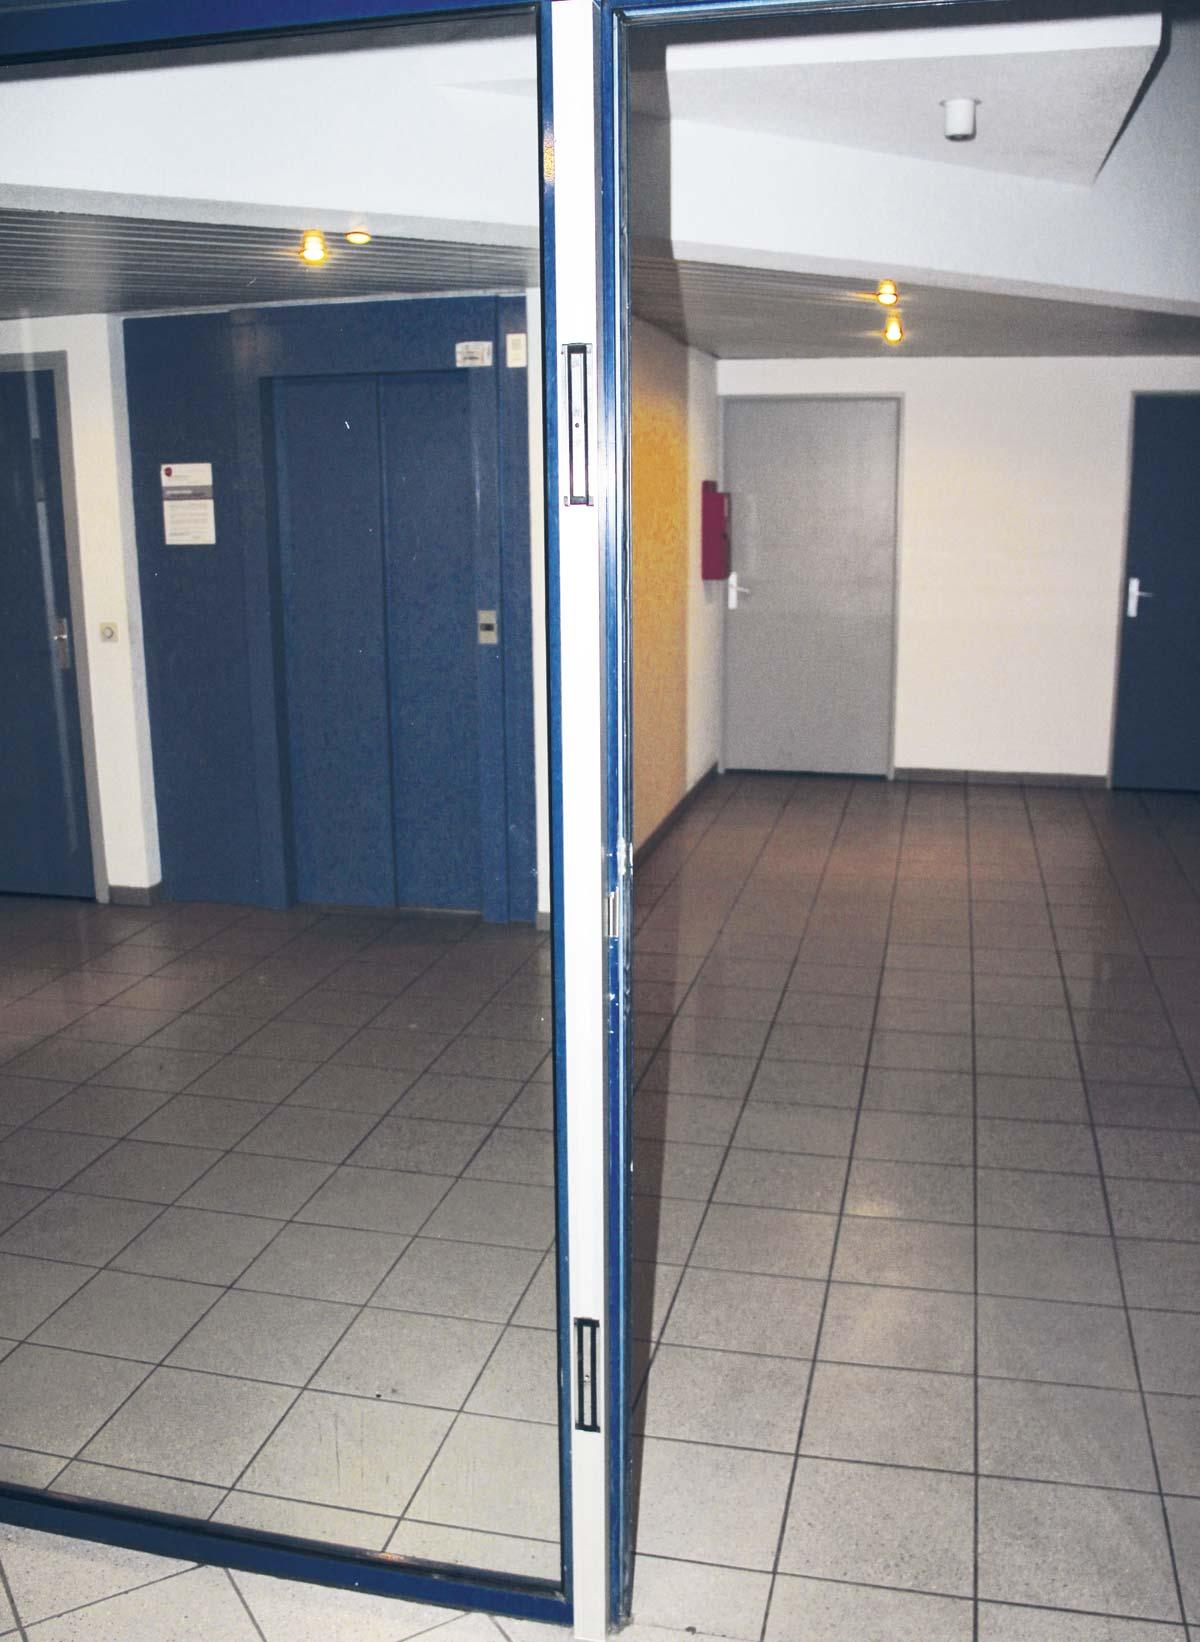 Dimelec installation électrique contrôle accès vigik porte ventouses électriques Bordeaux